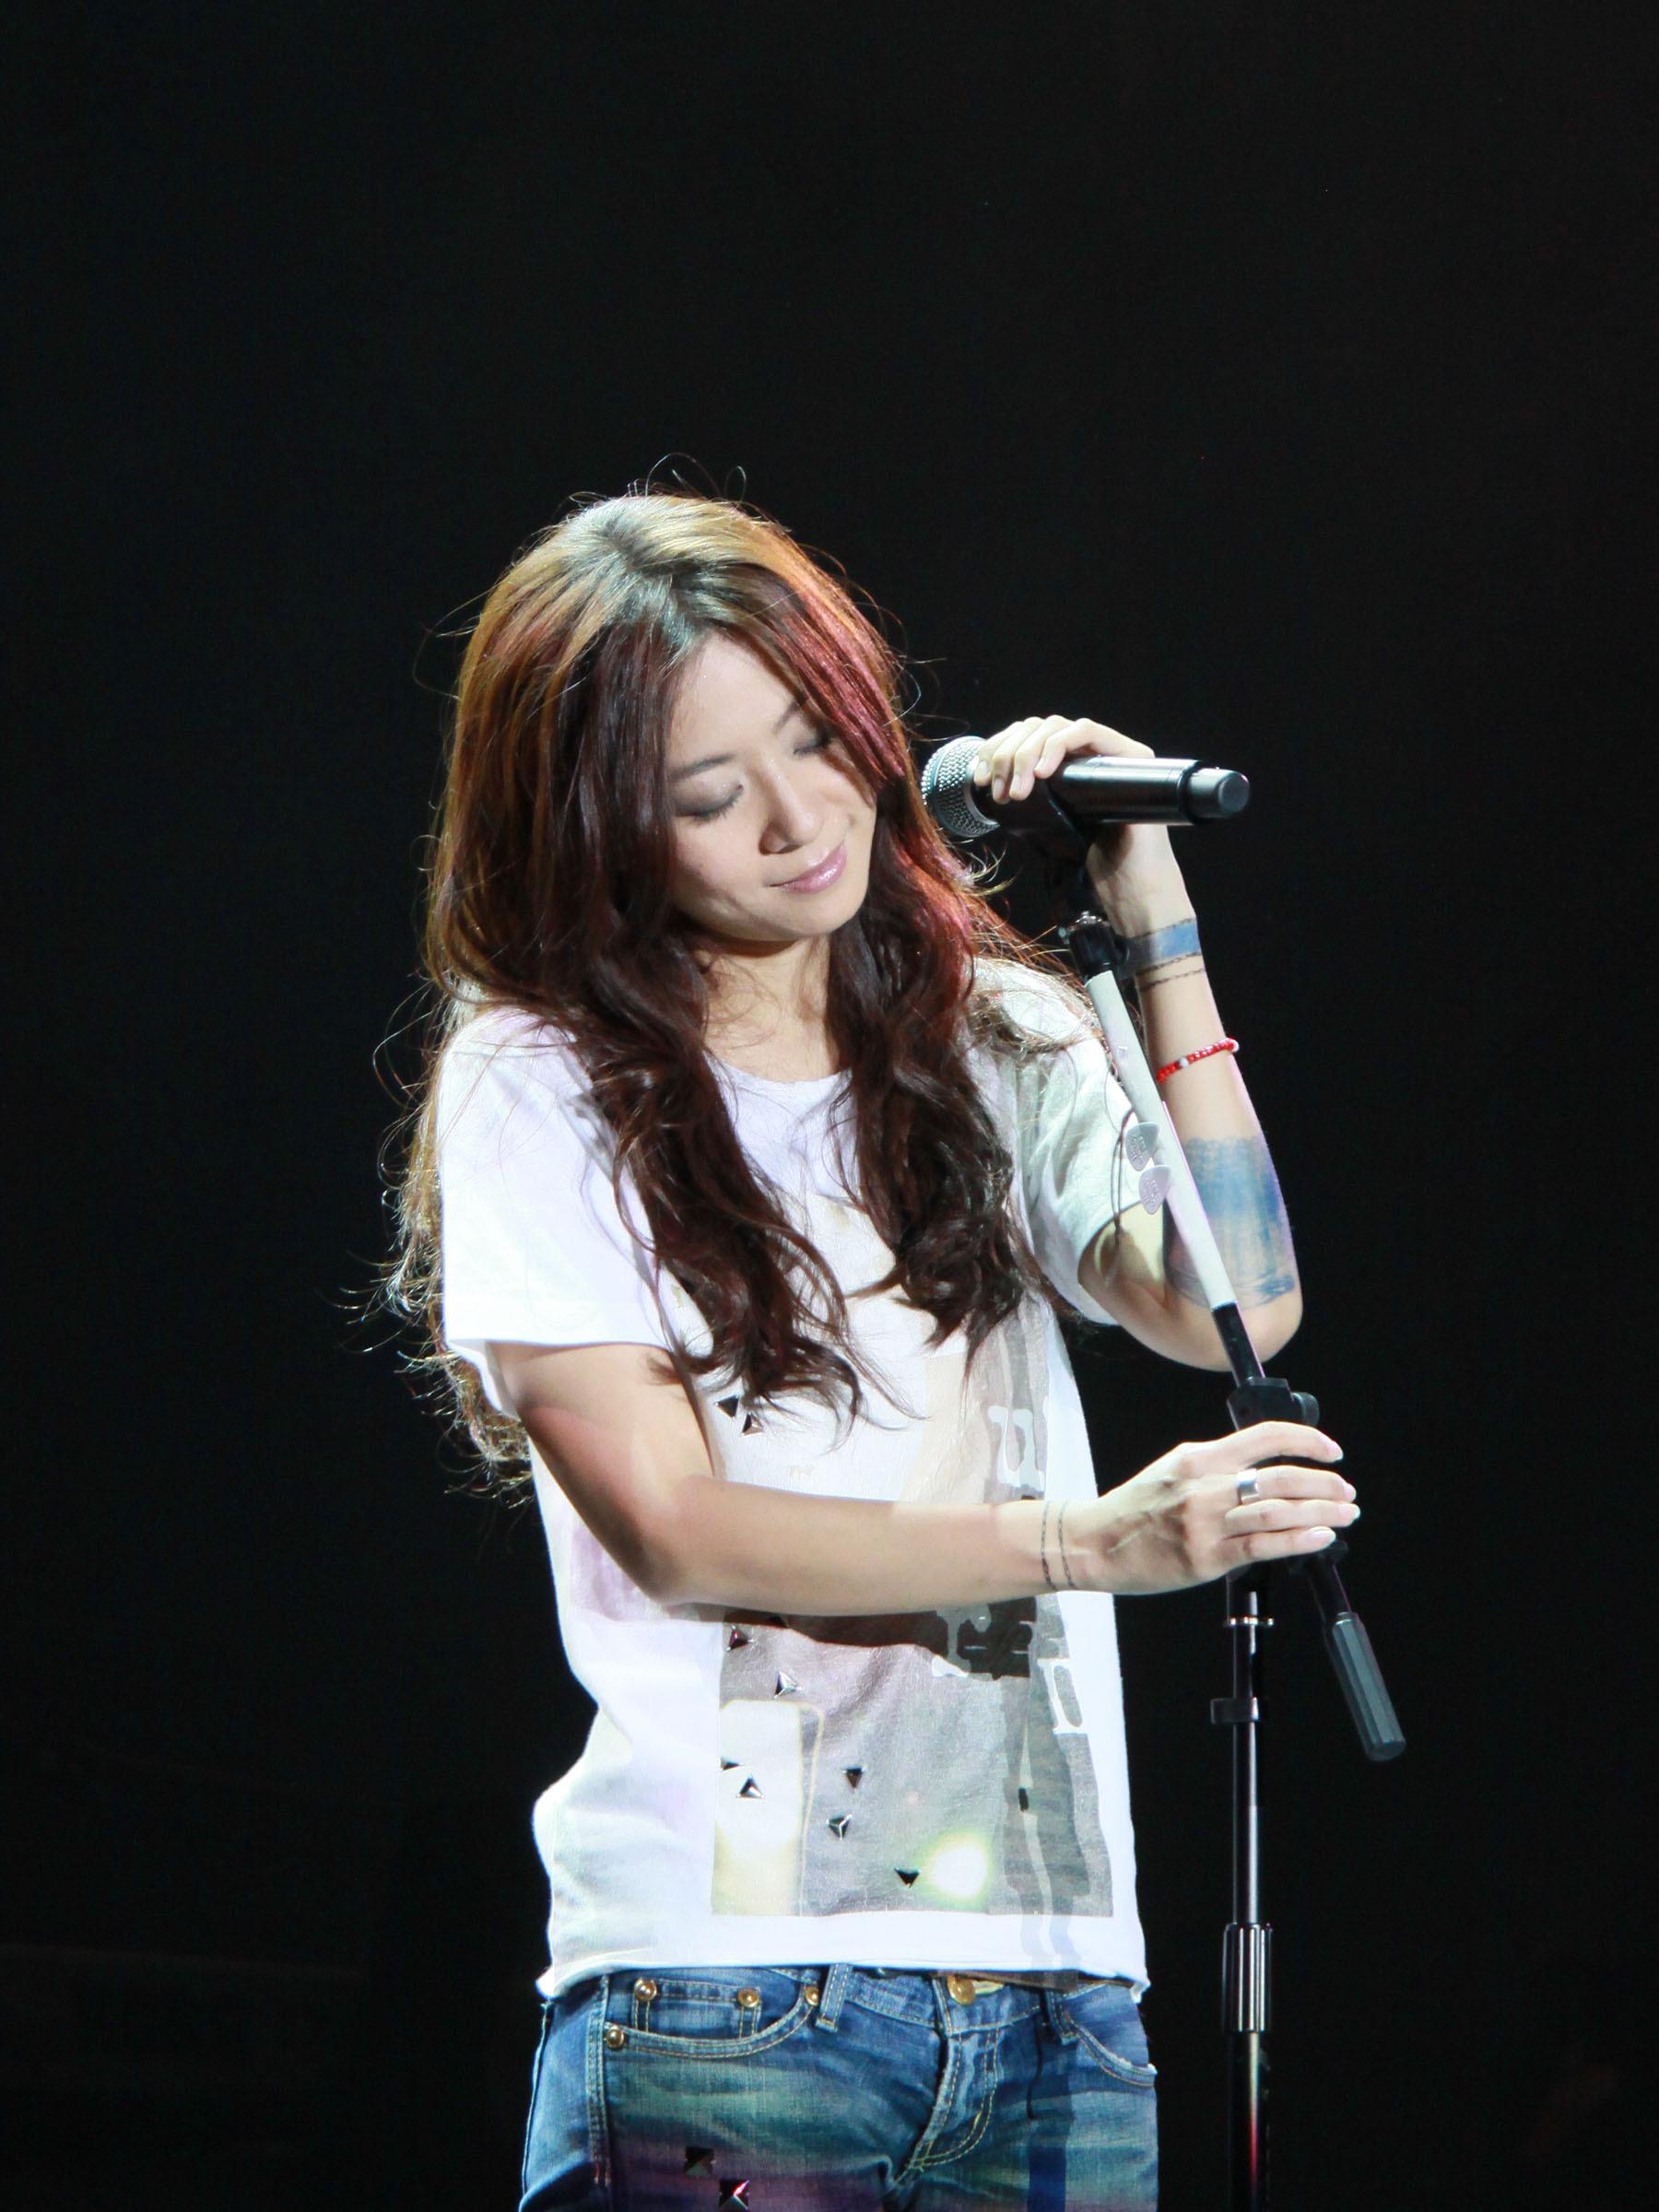 陈绮贞专辑_对于歌手陈绮贞,你们是如何评价她?